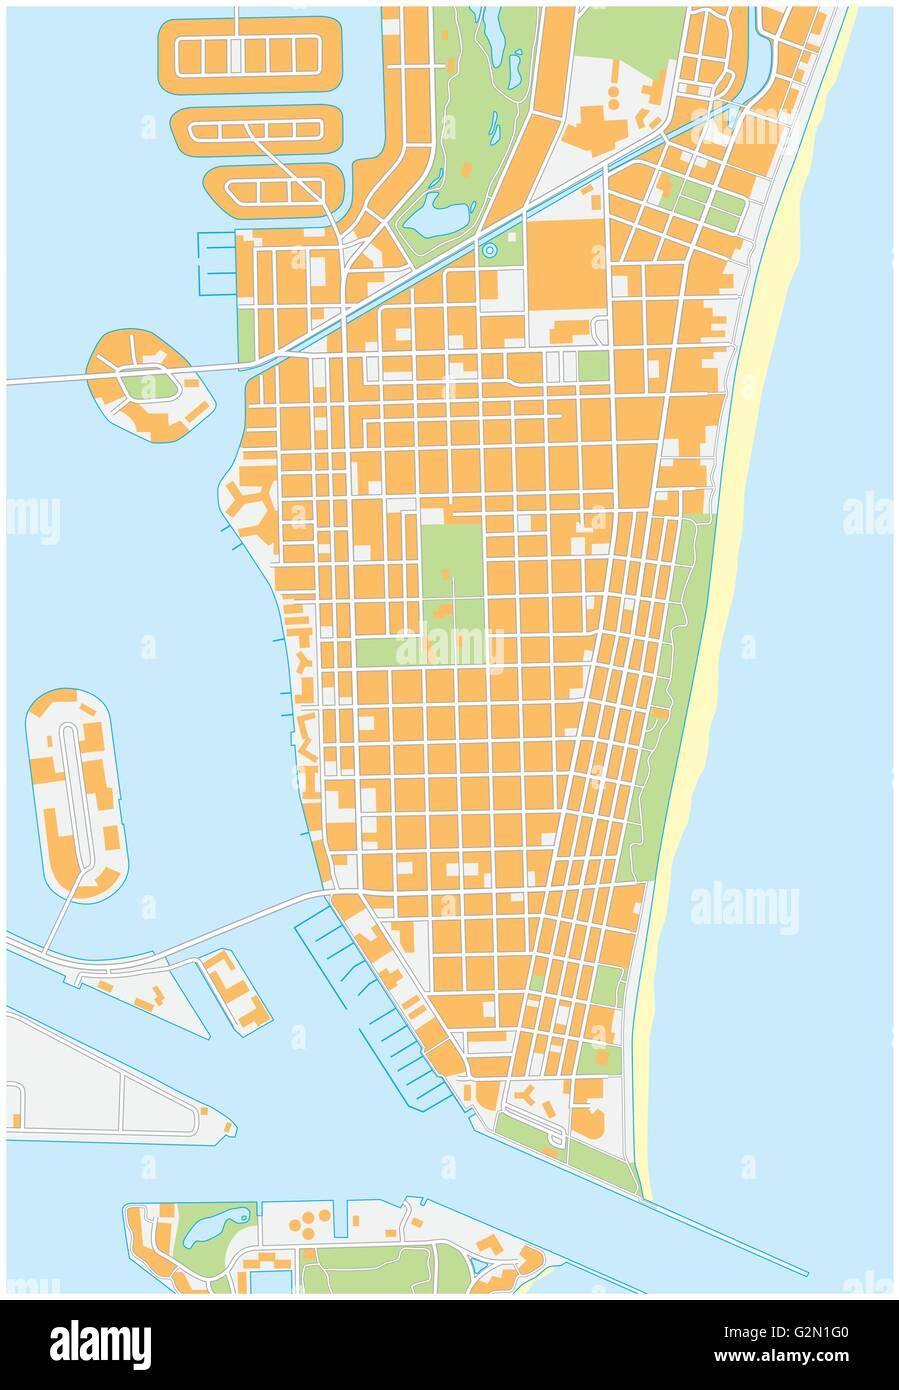 Detailed Florida Map.Miami Beach Detailed Vector Street Map Florida Stock Vector Art